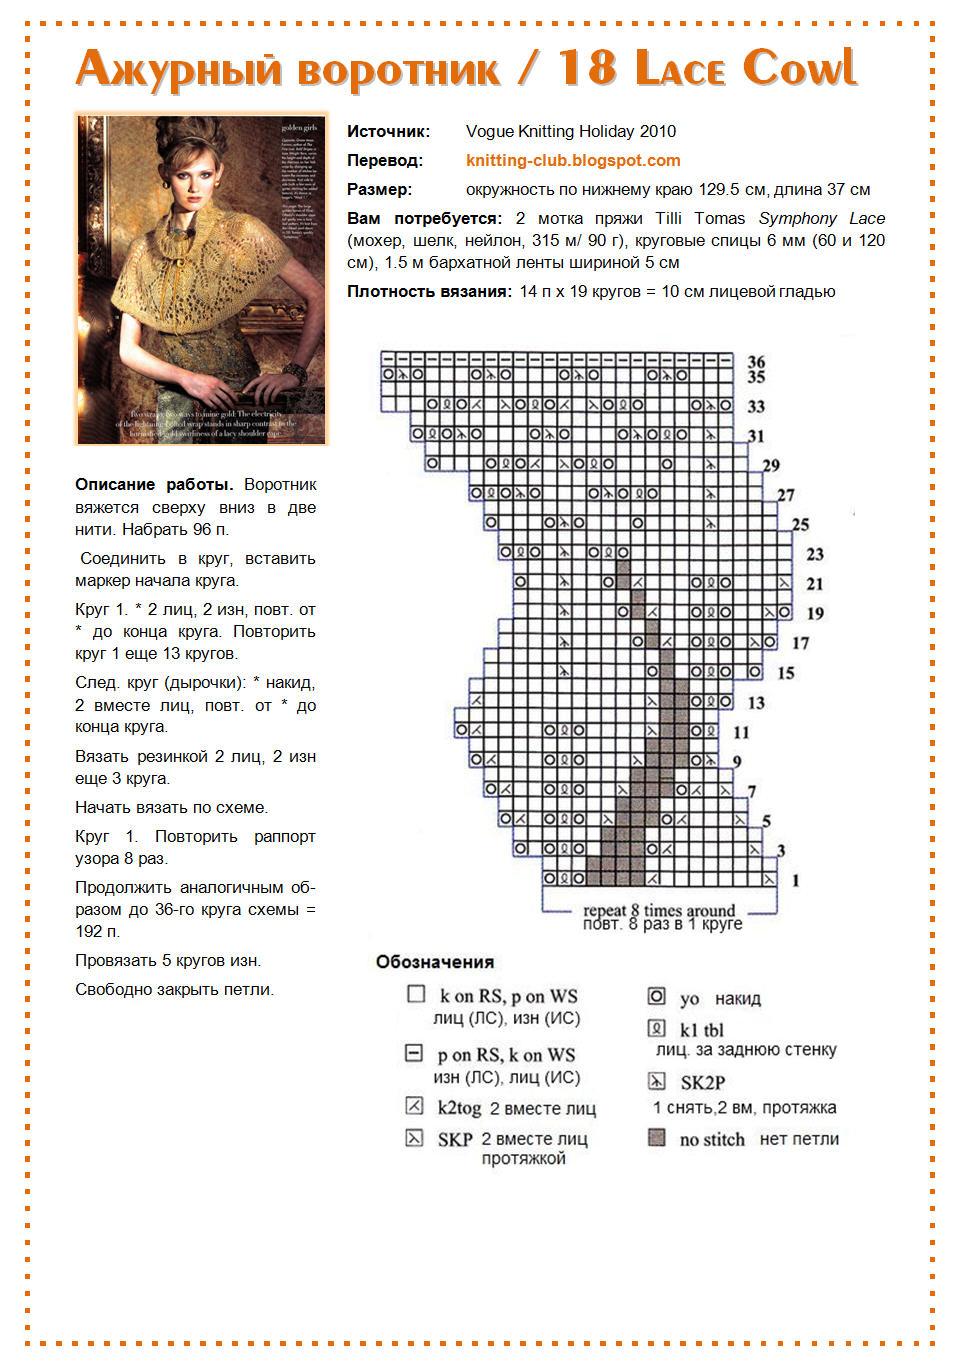 Манишка спицами для женщин: схема 2